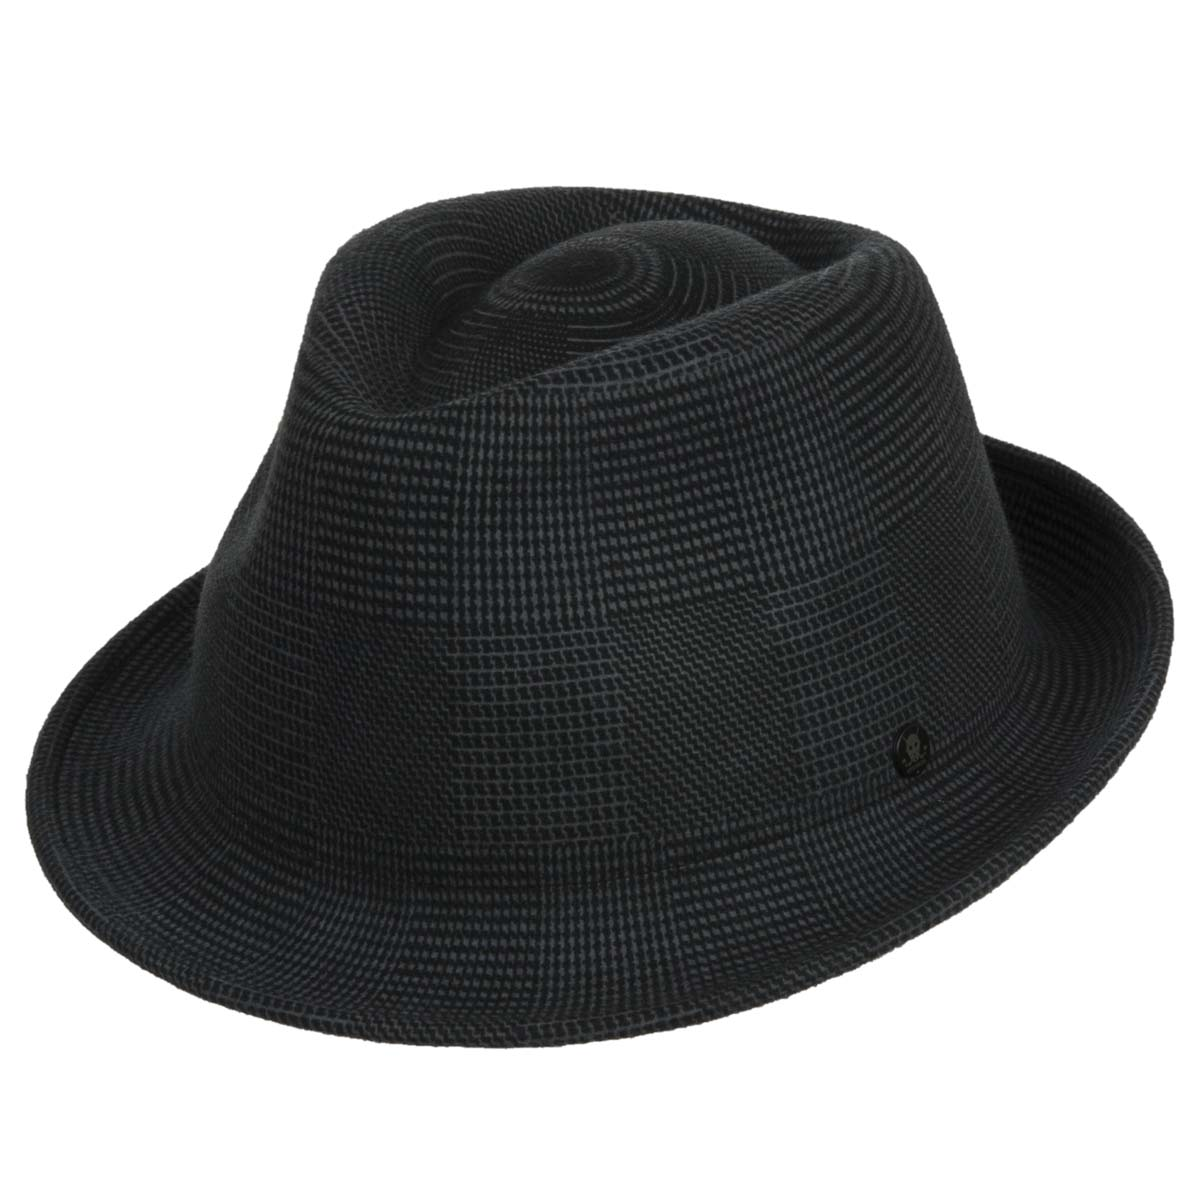 Cappello Trilby Boston Woolfelt firmato STETSON ... 2fa5c37d47c0